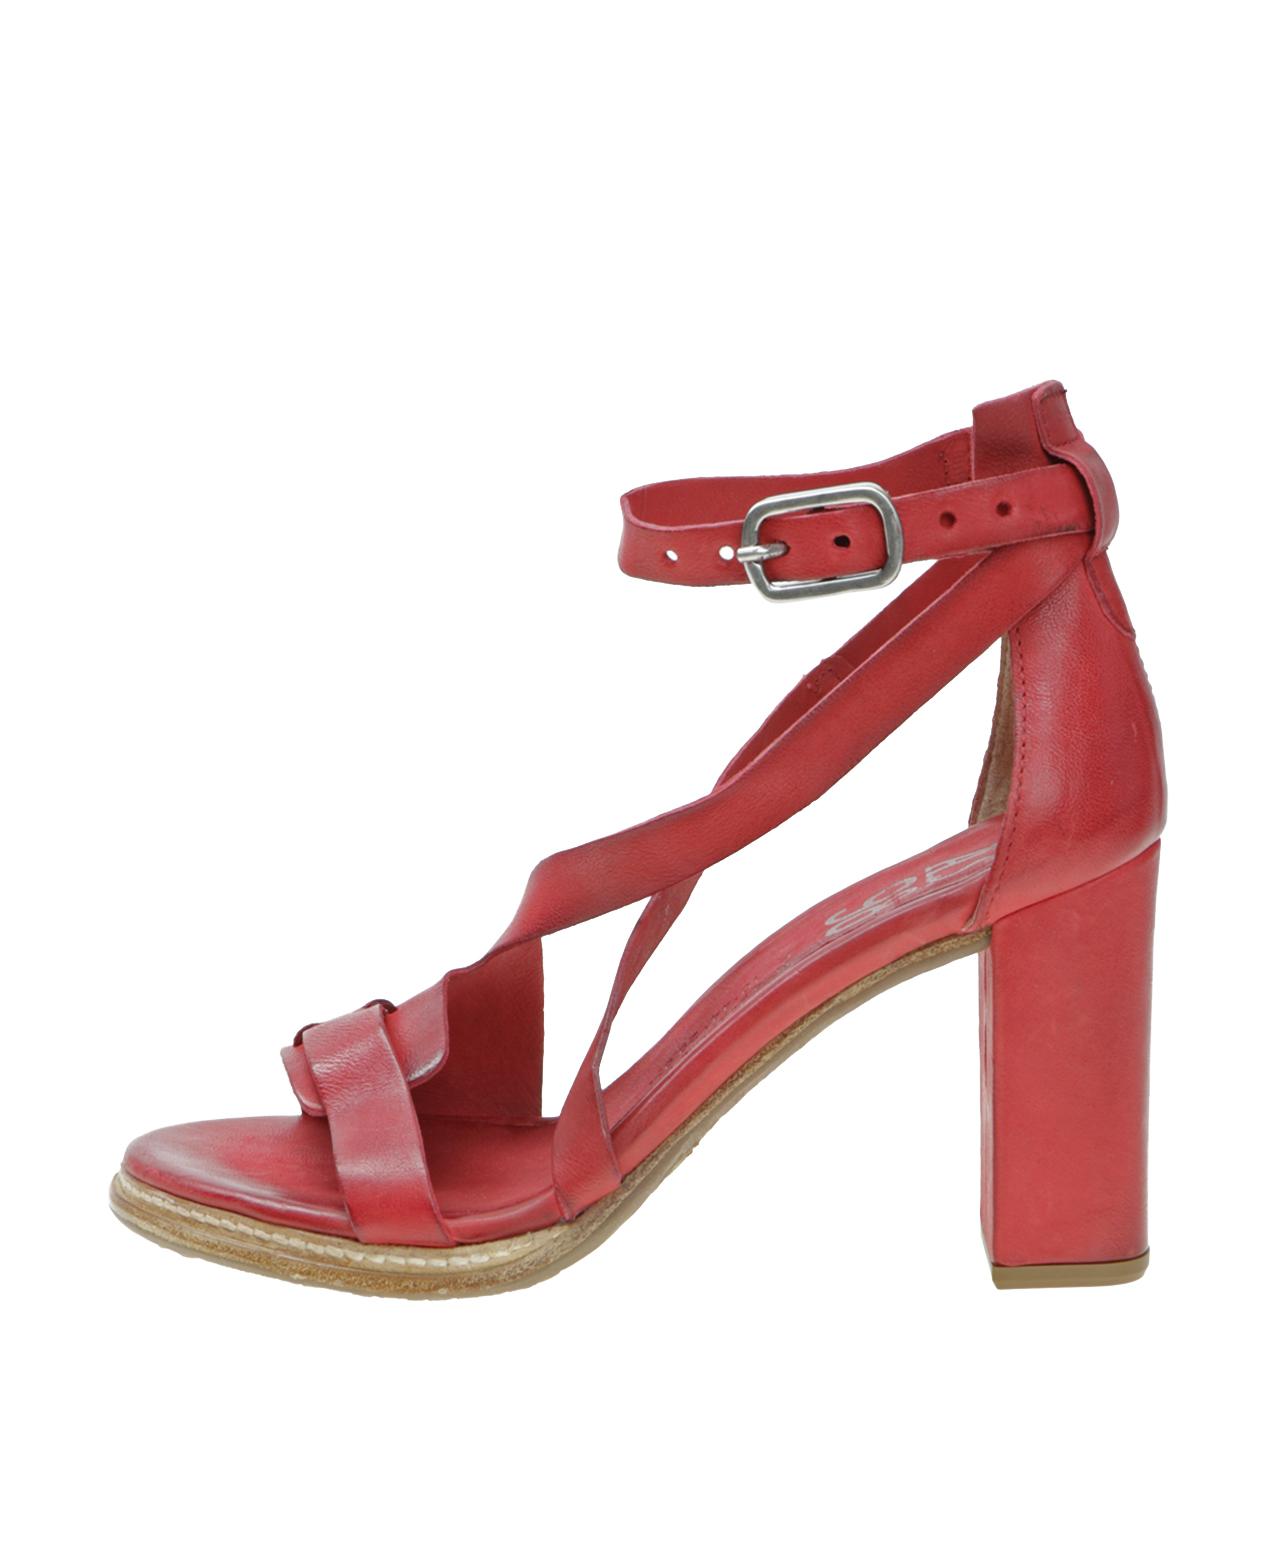 hot sale online 553c0 5f03e A.S 98 Sandalen für Damen   A.S.98 Offizieller Onlineshop